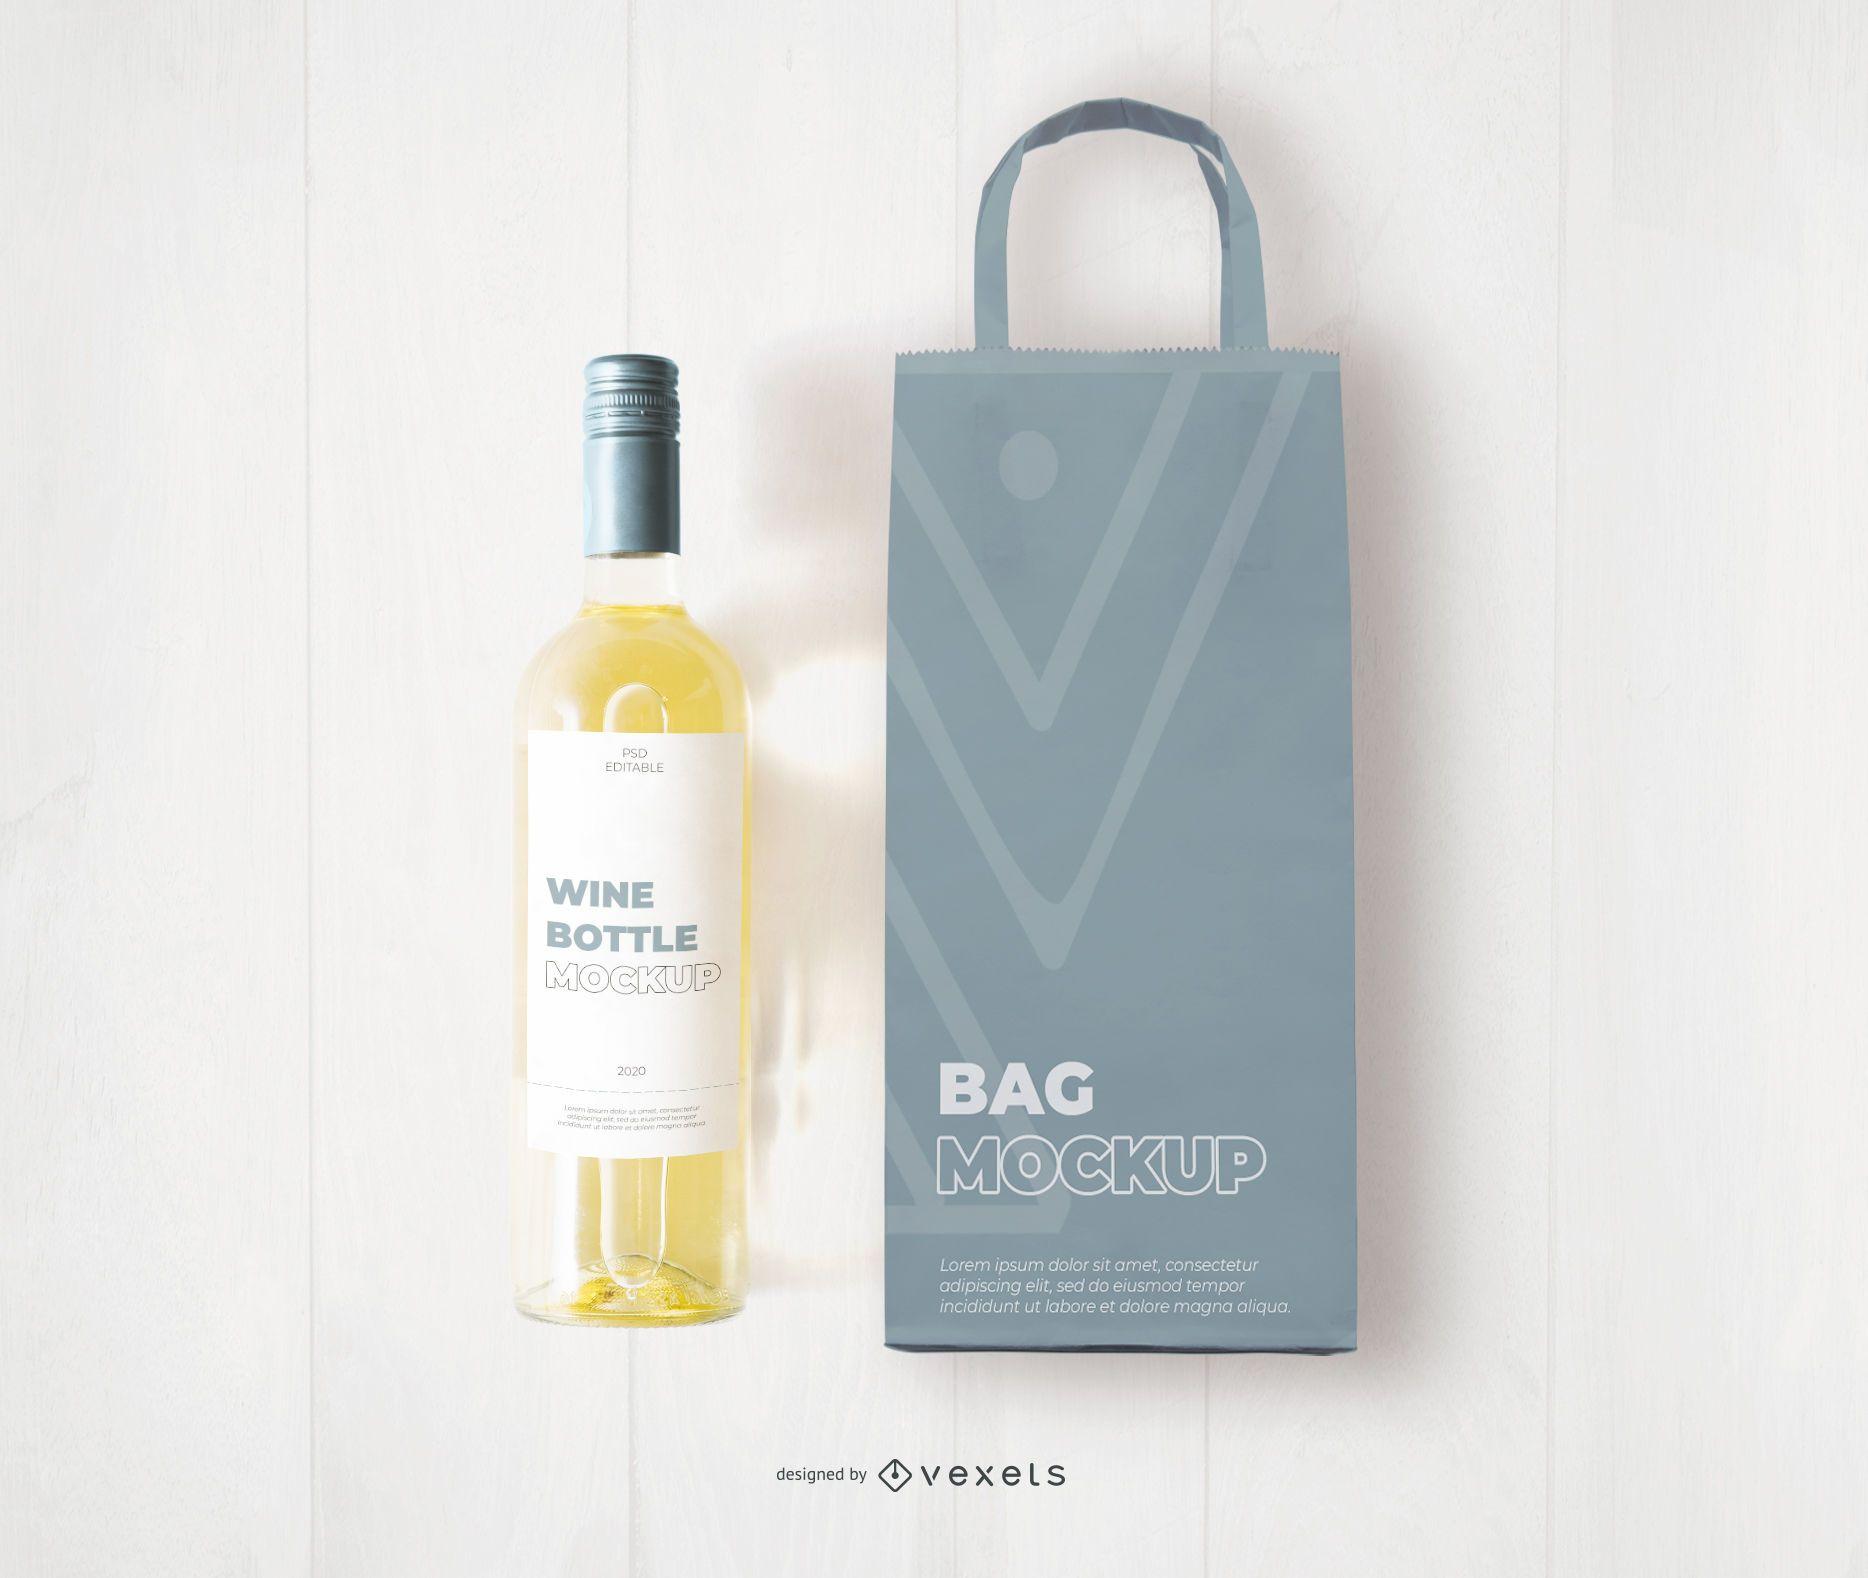 Maqueta de bolsa y botella de vino blanco